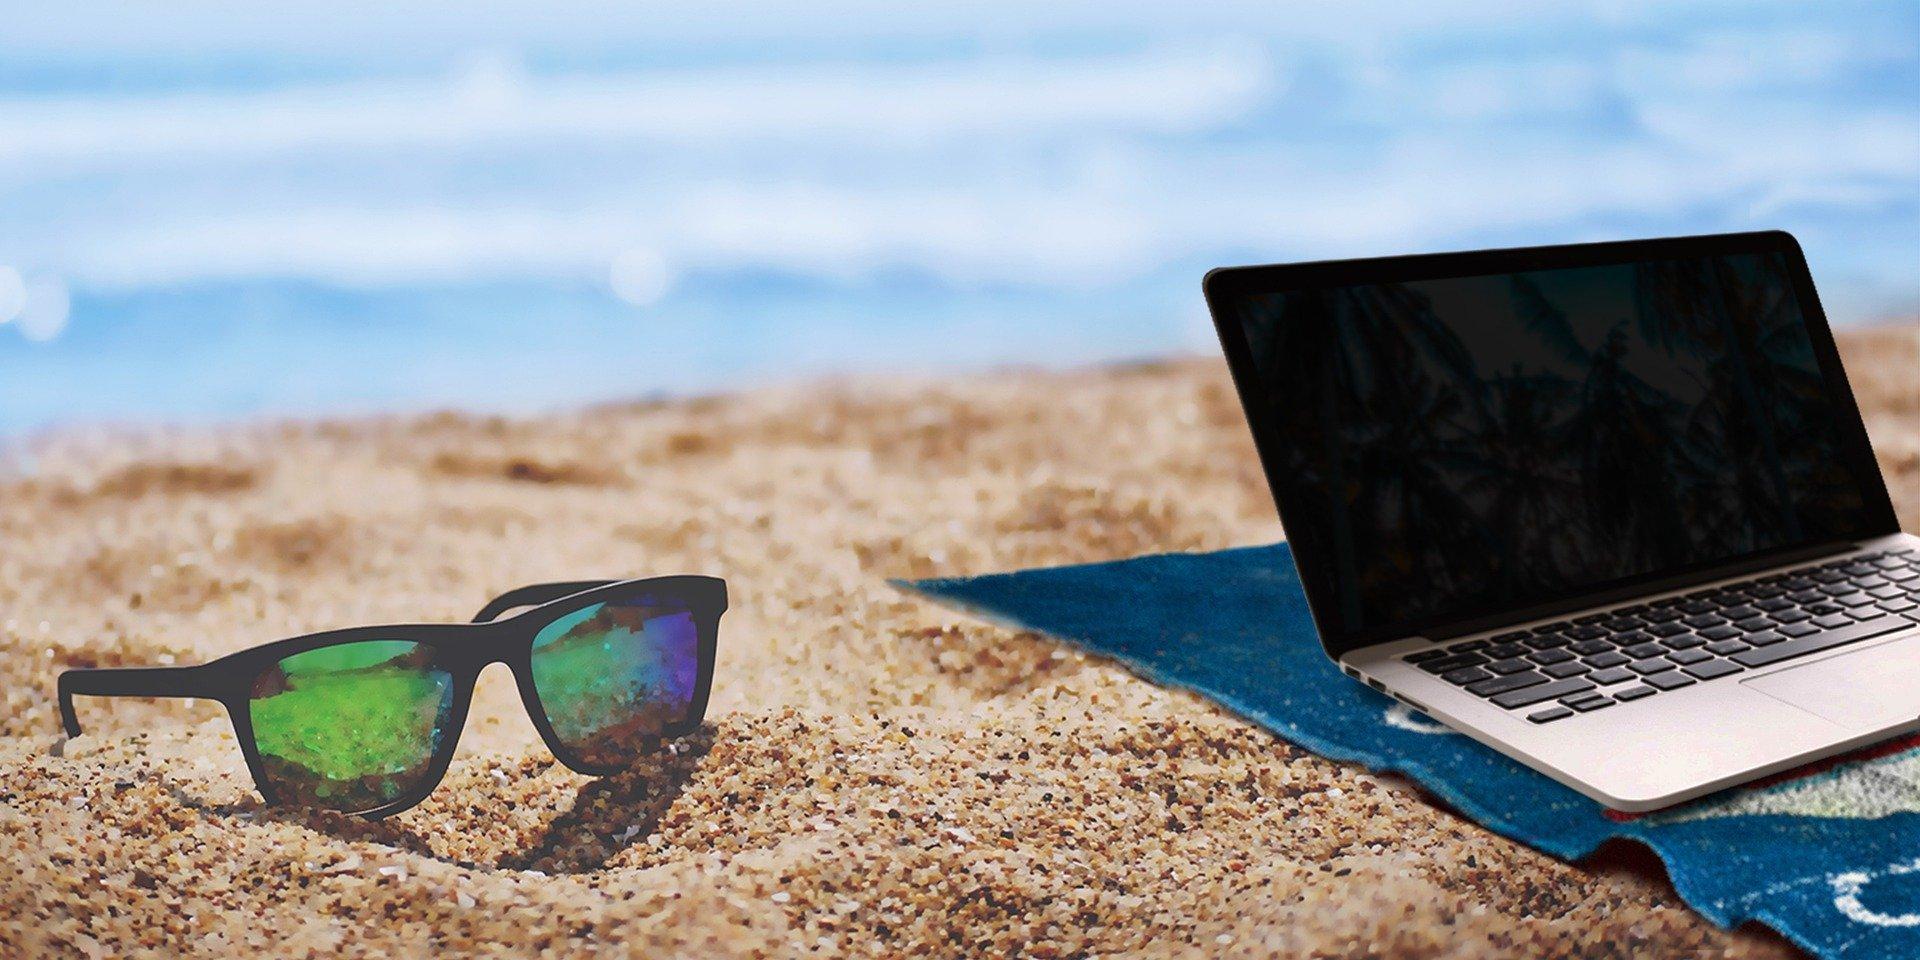 Κοινωνικός τουρισμός: Άνοιξε η πλατφόρμα για τους δικαιούχους – Η προθεσμία για αιτήσεις